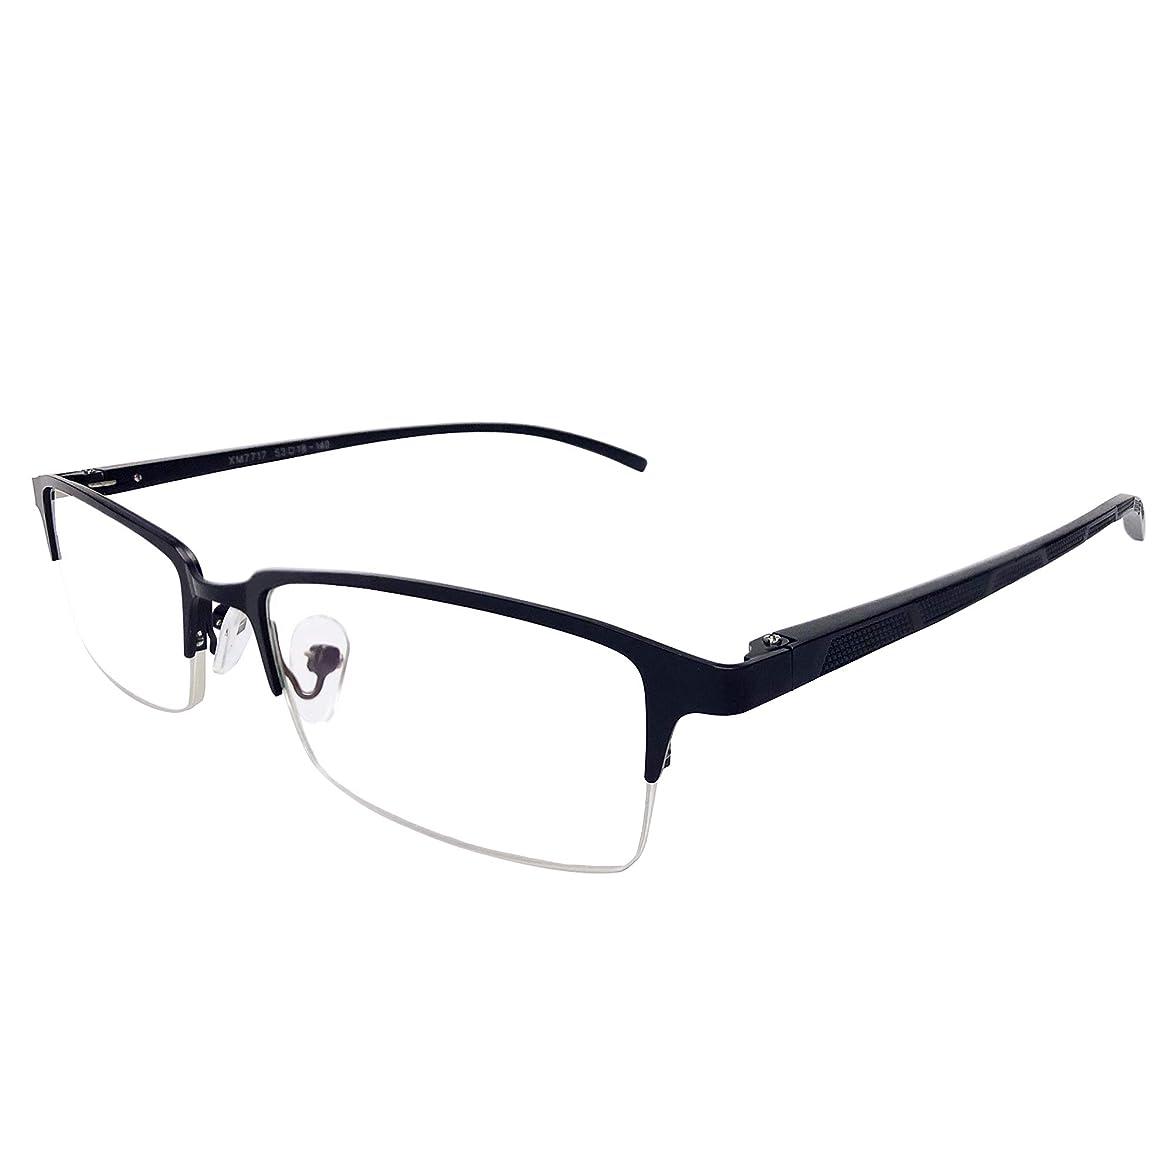 WINTER PLUM Reading Glasse,Blue Light Blocking Computer Glasses,Anti UV Glare Harmful for Men and Women(7717/Black)